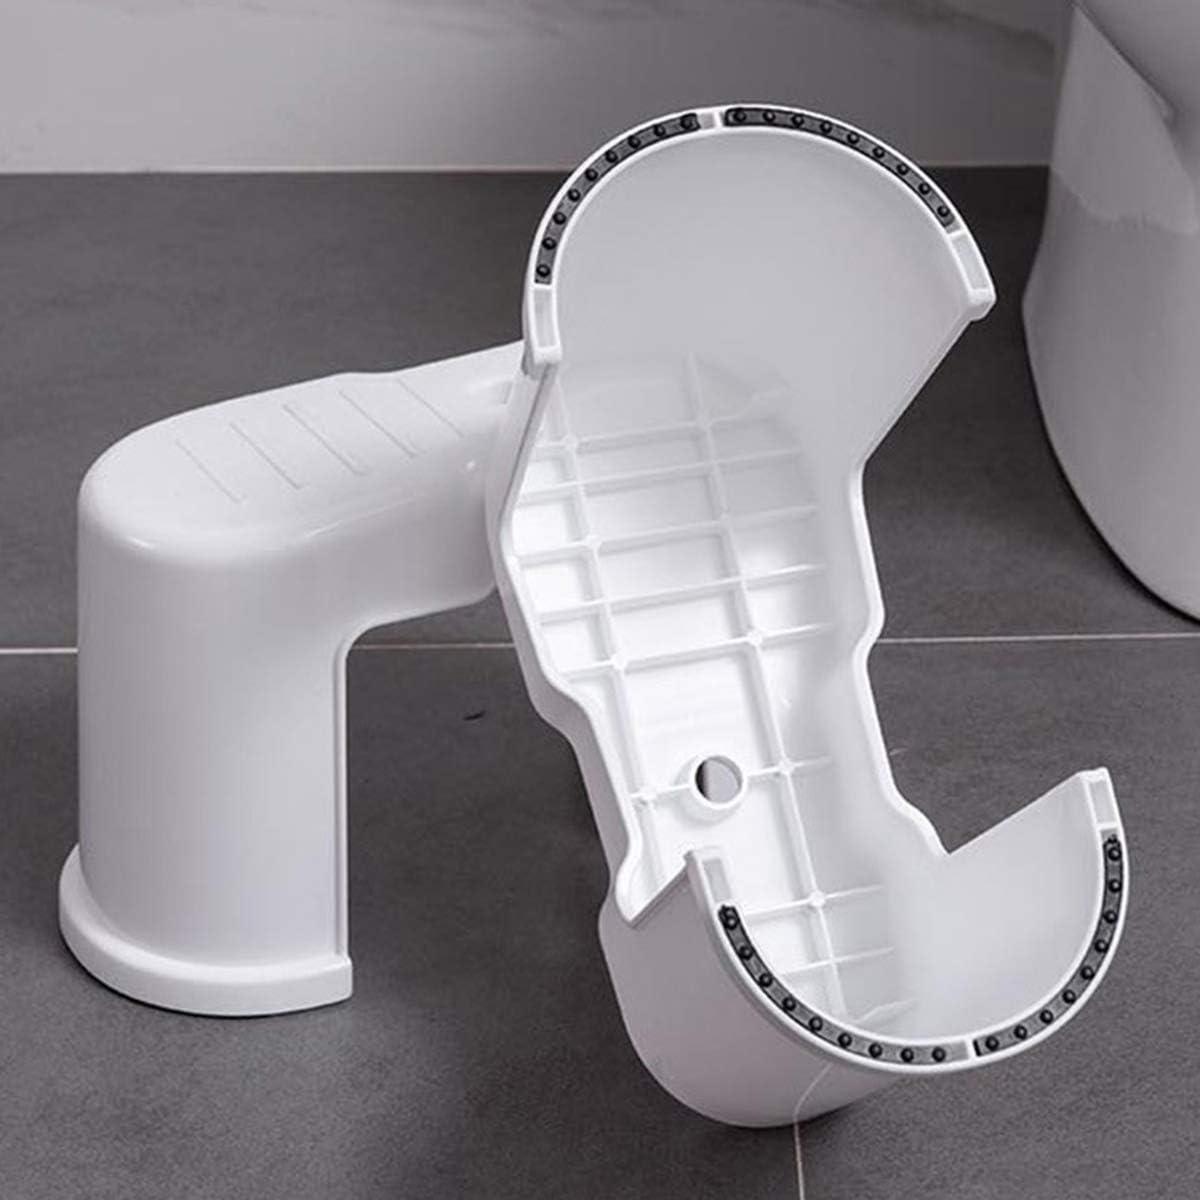 Brandless Potty Step,Toilet Stool Potty Bathroom Squatting Stool Healthier Way Toilet Posture Space Saver Stackable Toilet Stools,6.7 White White 2pcs